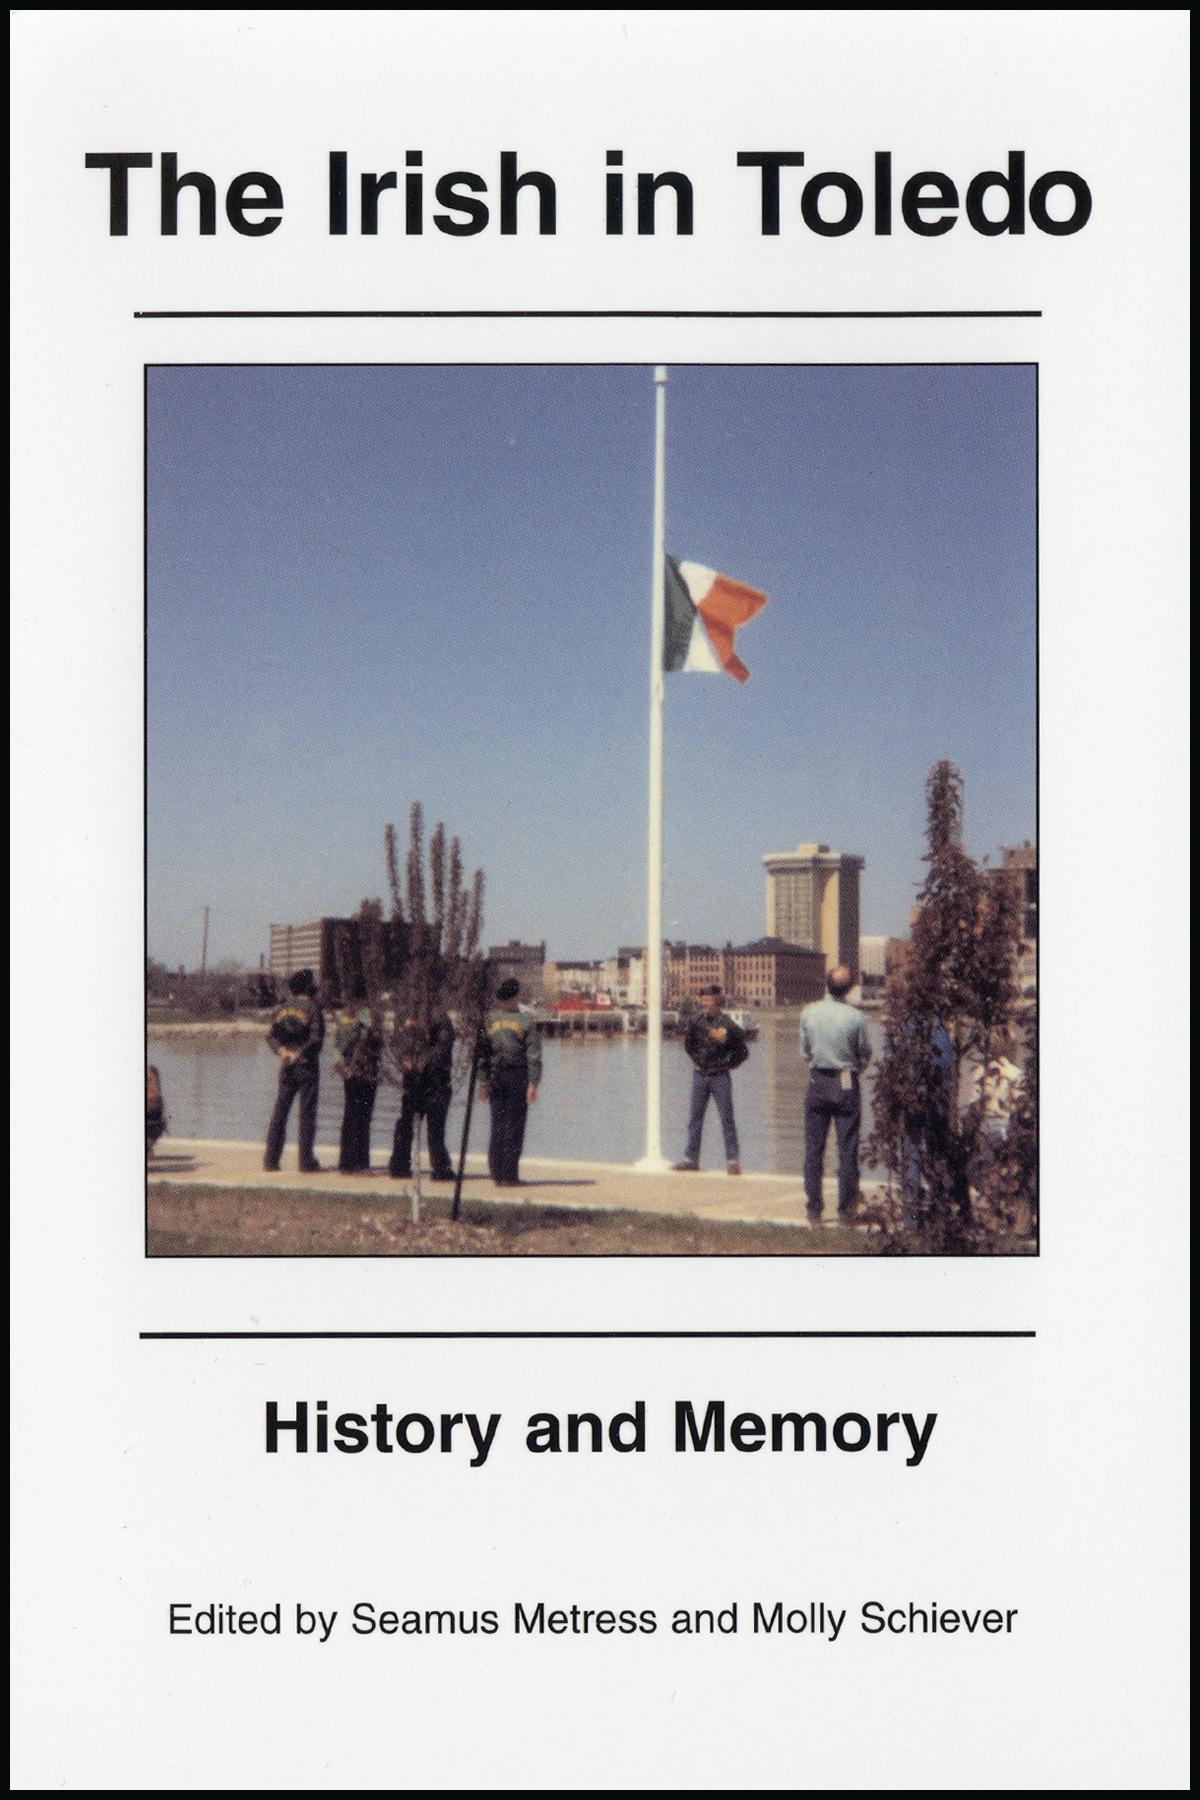 The Irish in Toledo